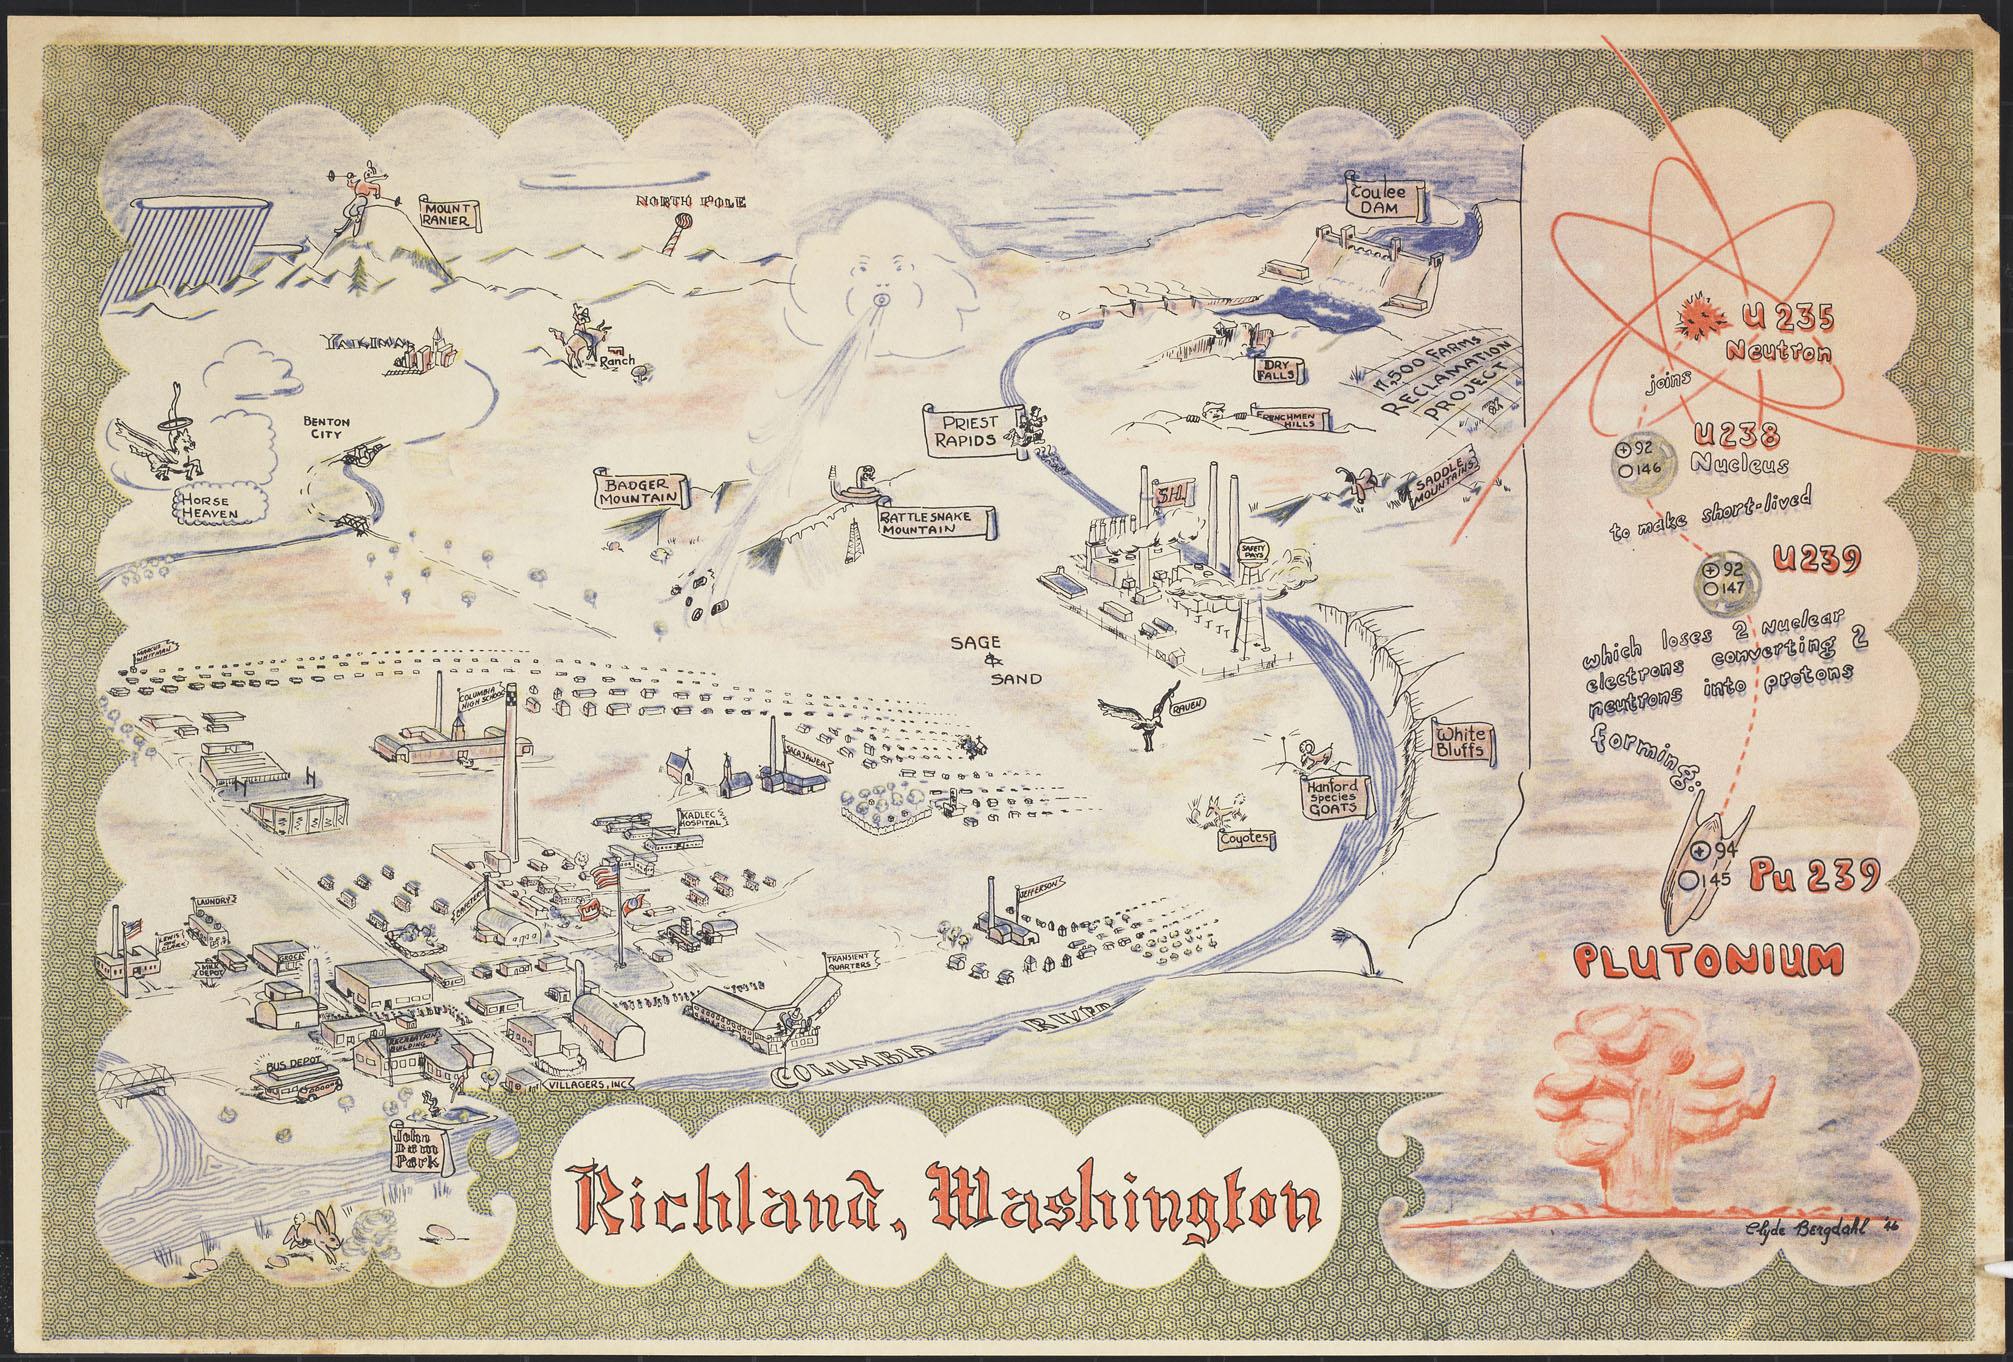 Richland, Washington